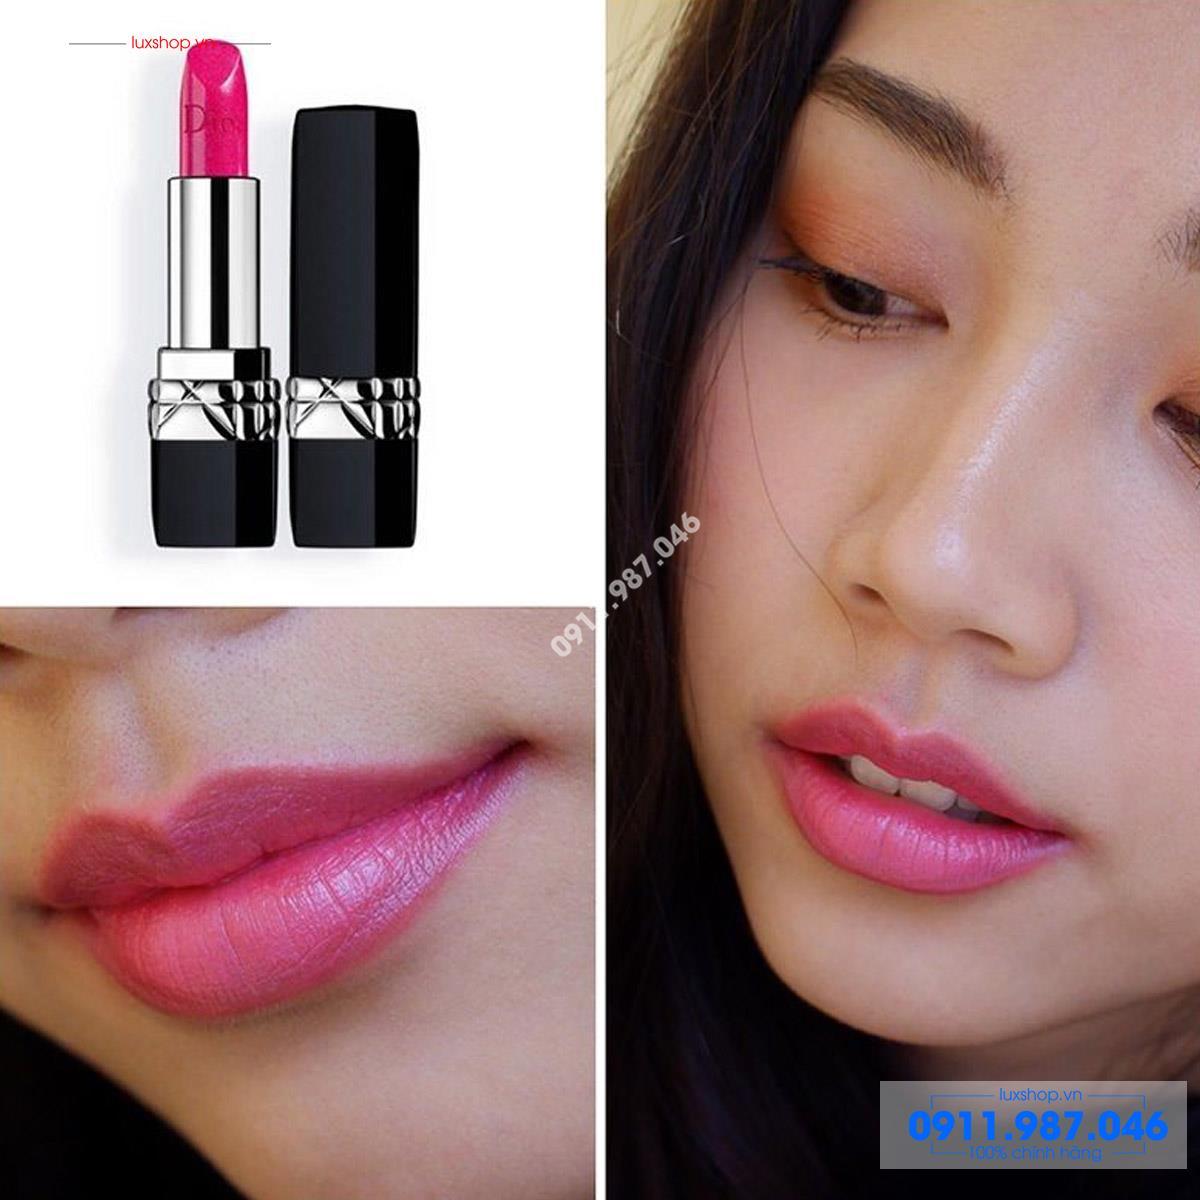 Son môi Dior 047 Miss màu hồng tím chính hãng Pháp - L101973